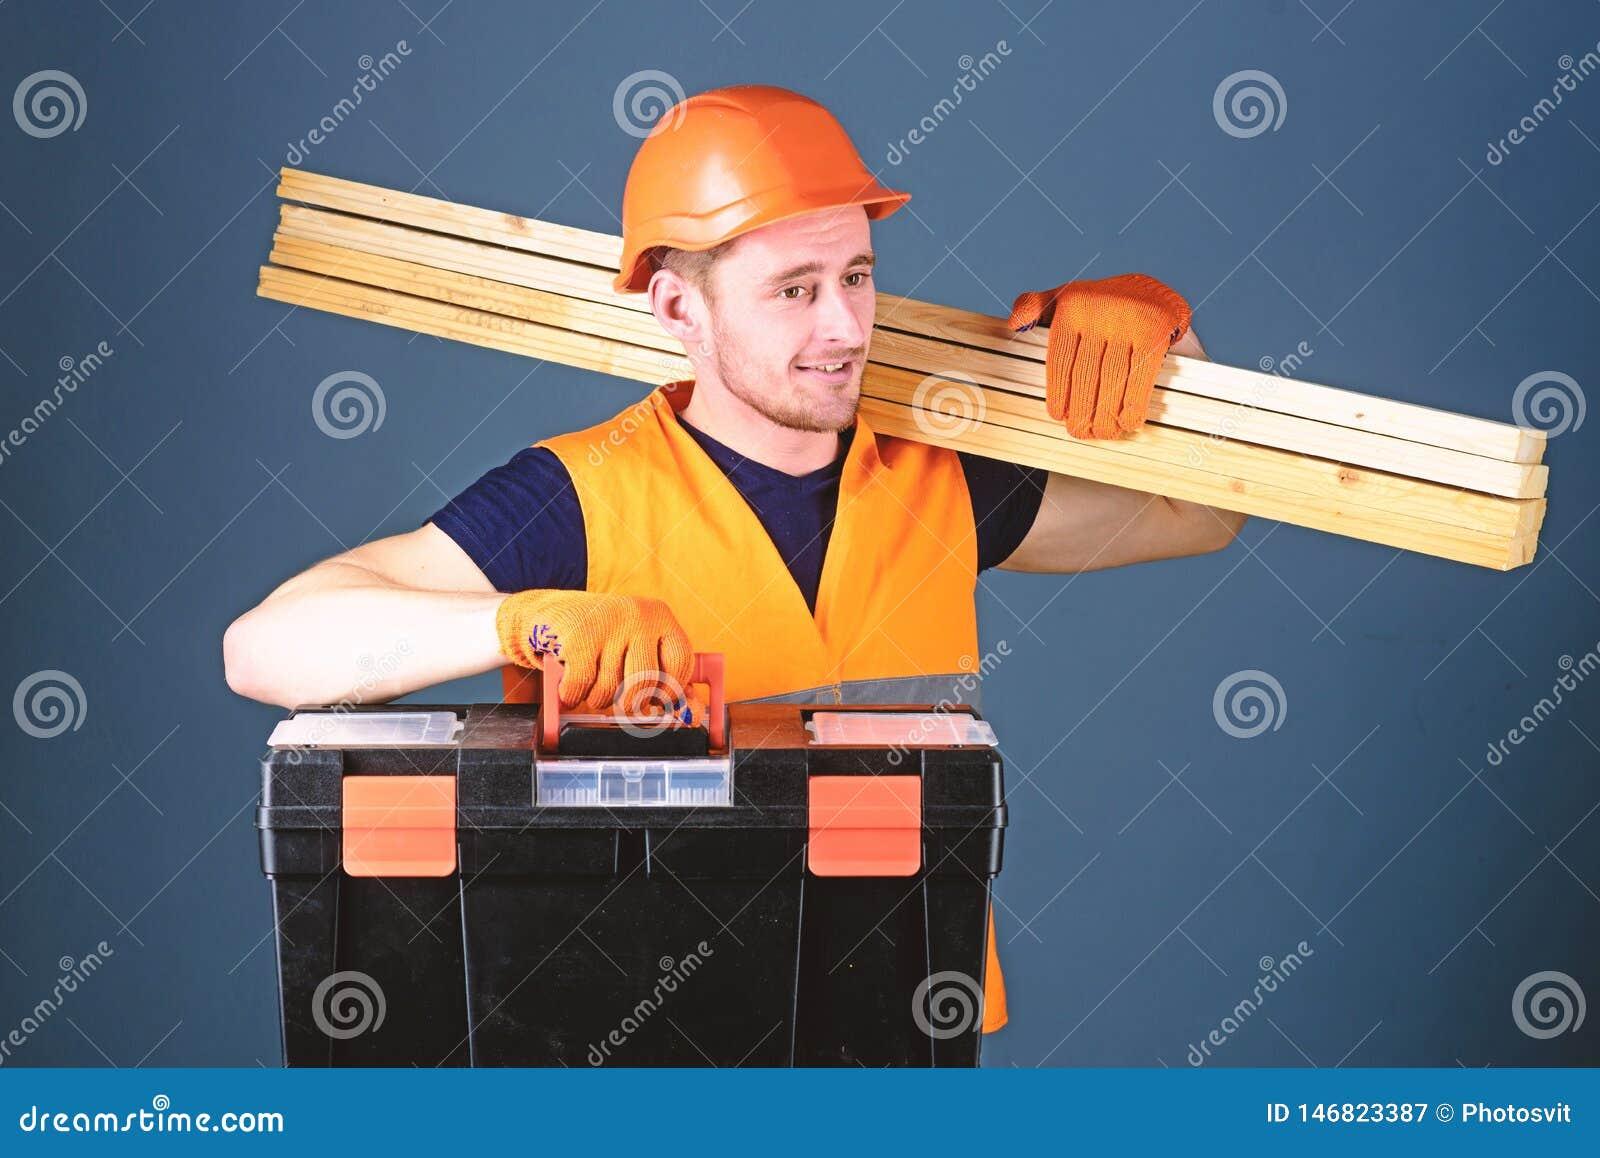 Concepto profesional del carpintero El carpintero, trabajador, constructor, carpintero en cara sonriente lleva haces de madera en